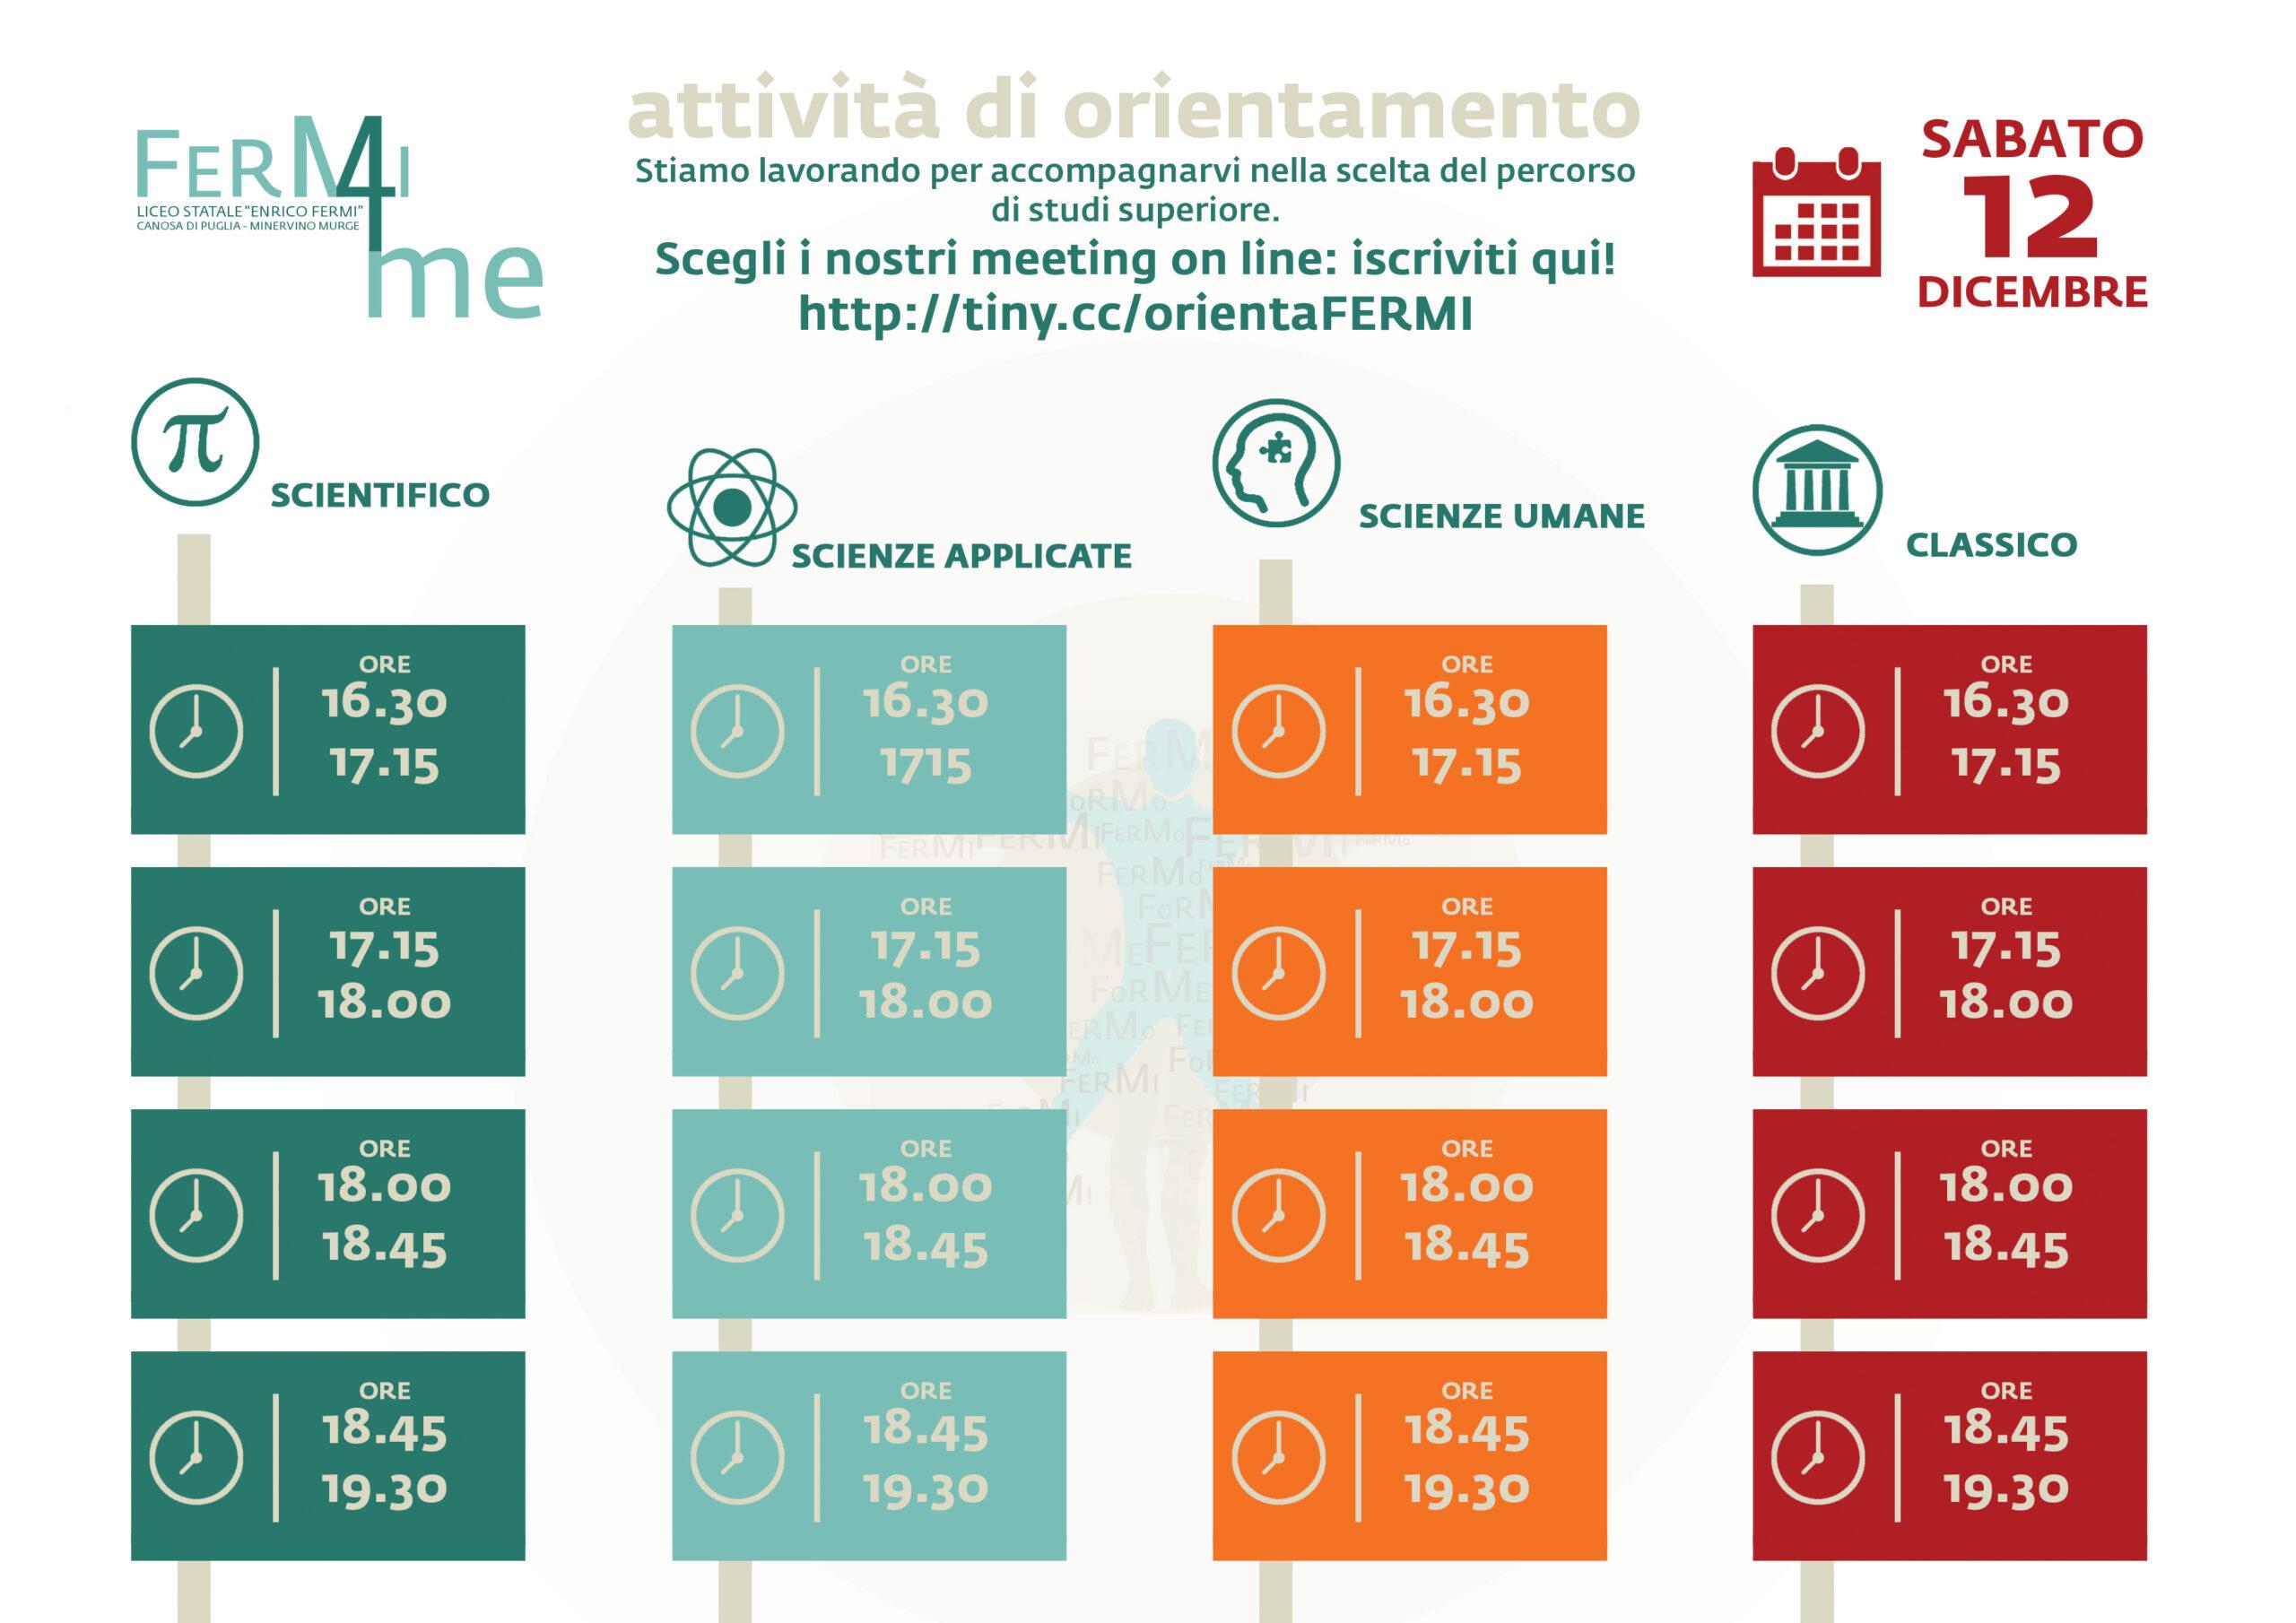 Orientamento 2021-2022 save the date